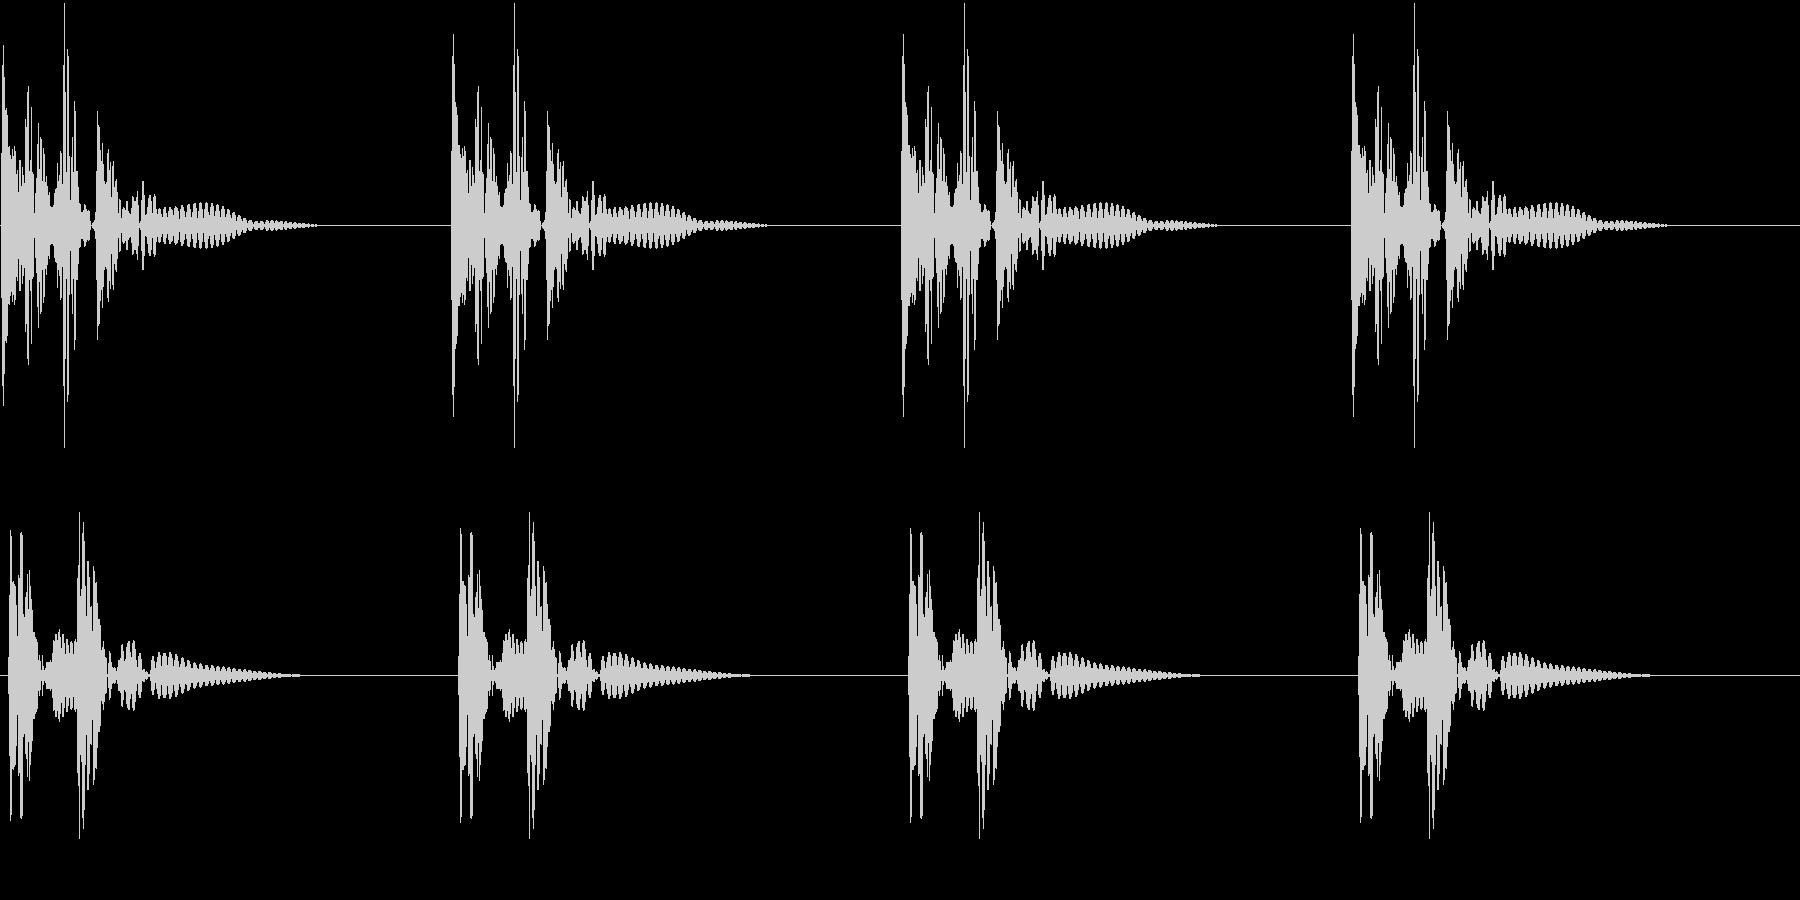 HeartBeat 心臓の音 7 ループの未再生の波形